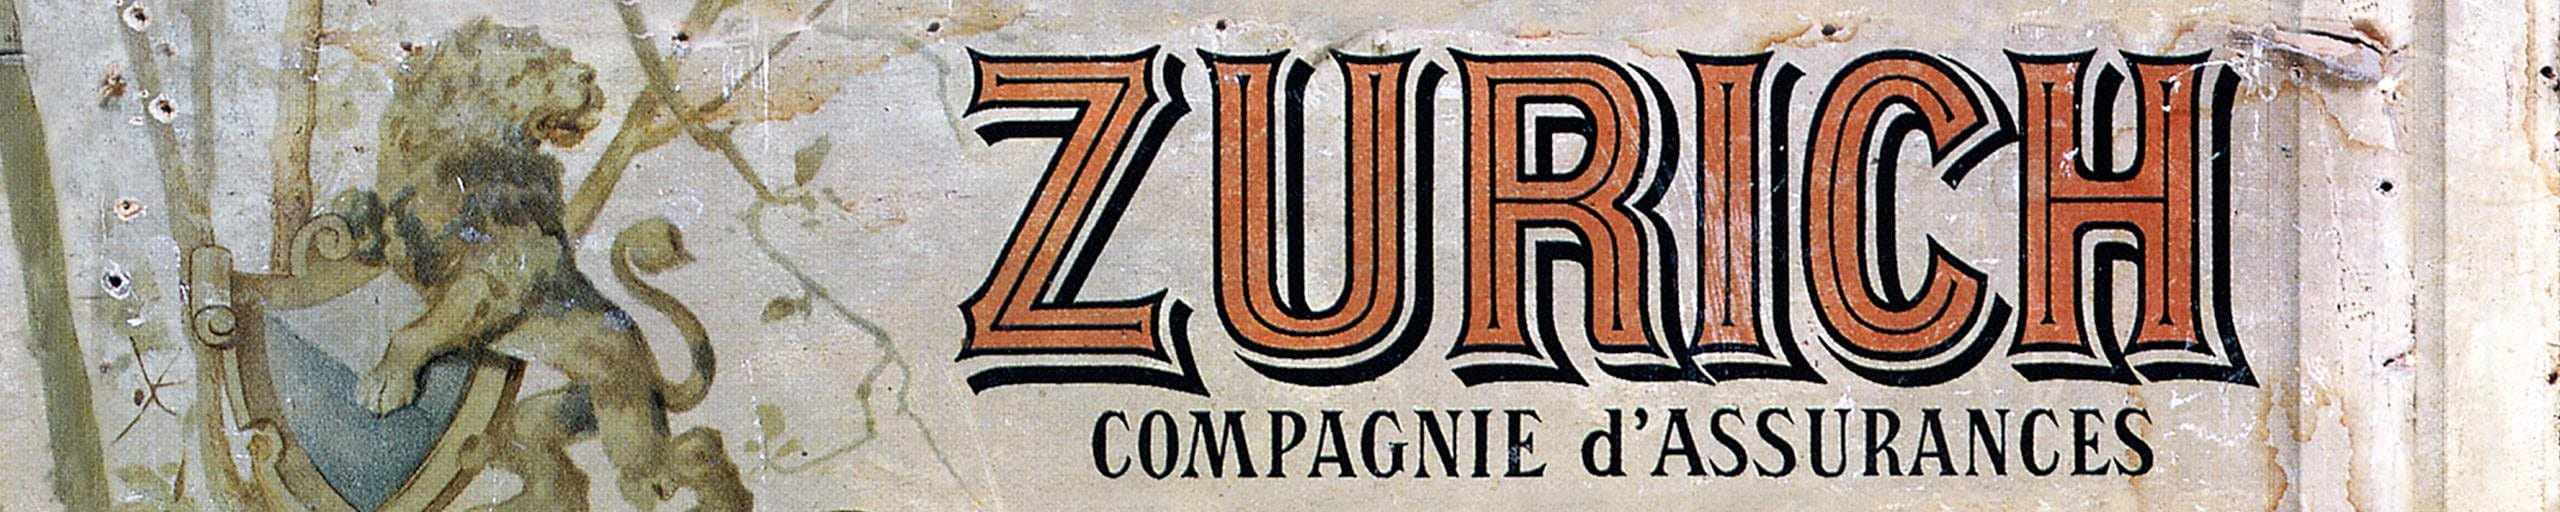 Ein altes Plakat von Zurich.